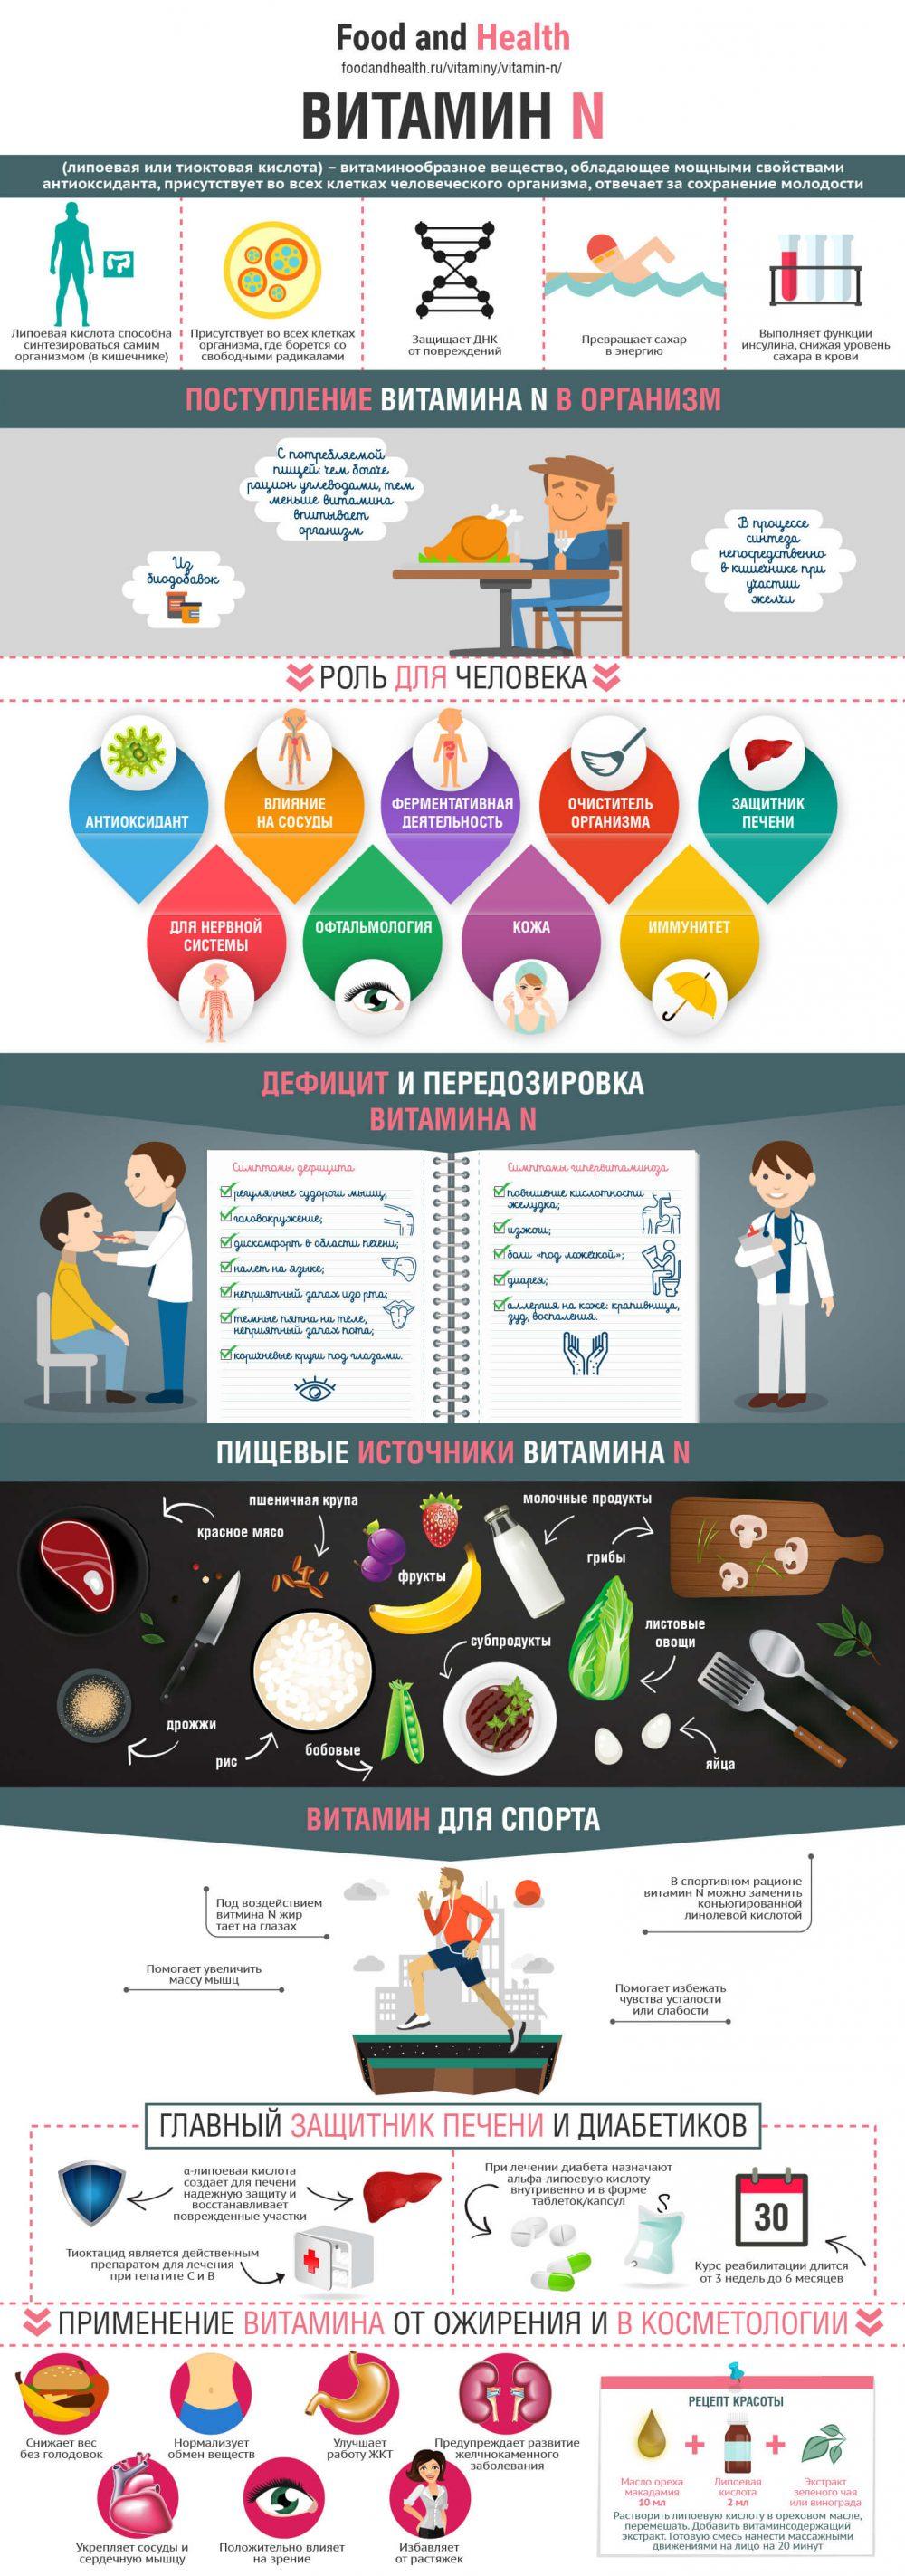 Витамин N - инфографика